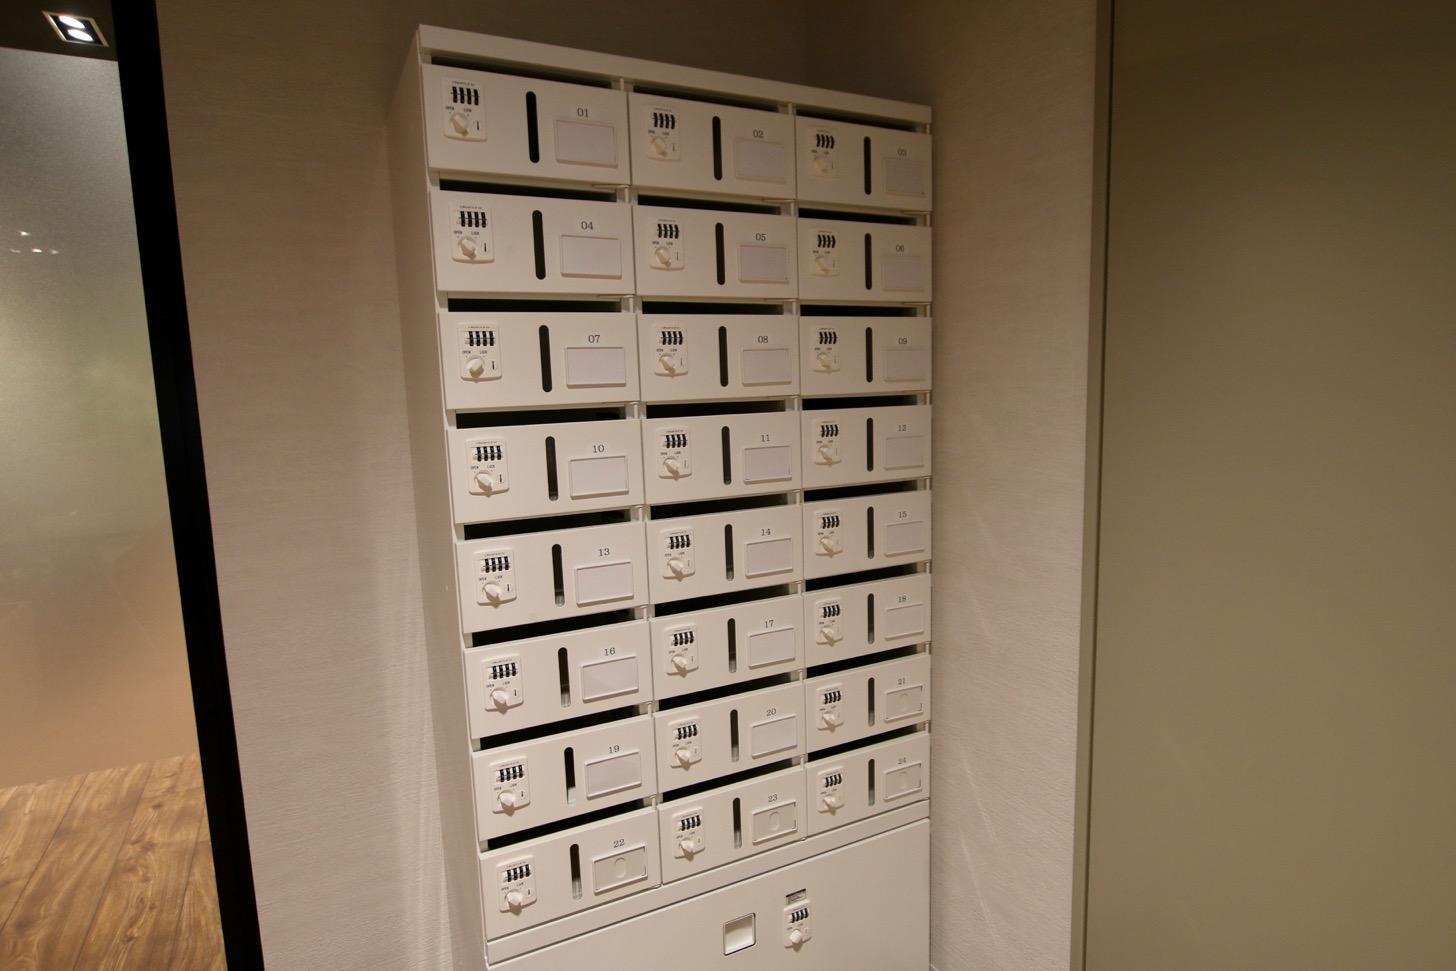 有料の郵便ポスト(登記・住所利用可 15,000円/月)が利用可能